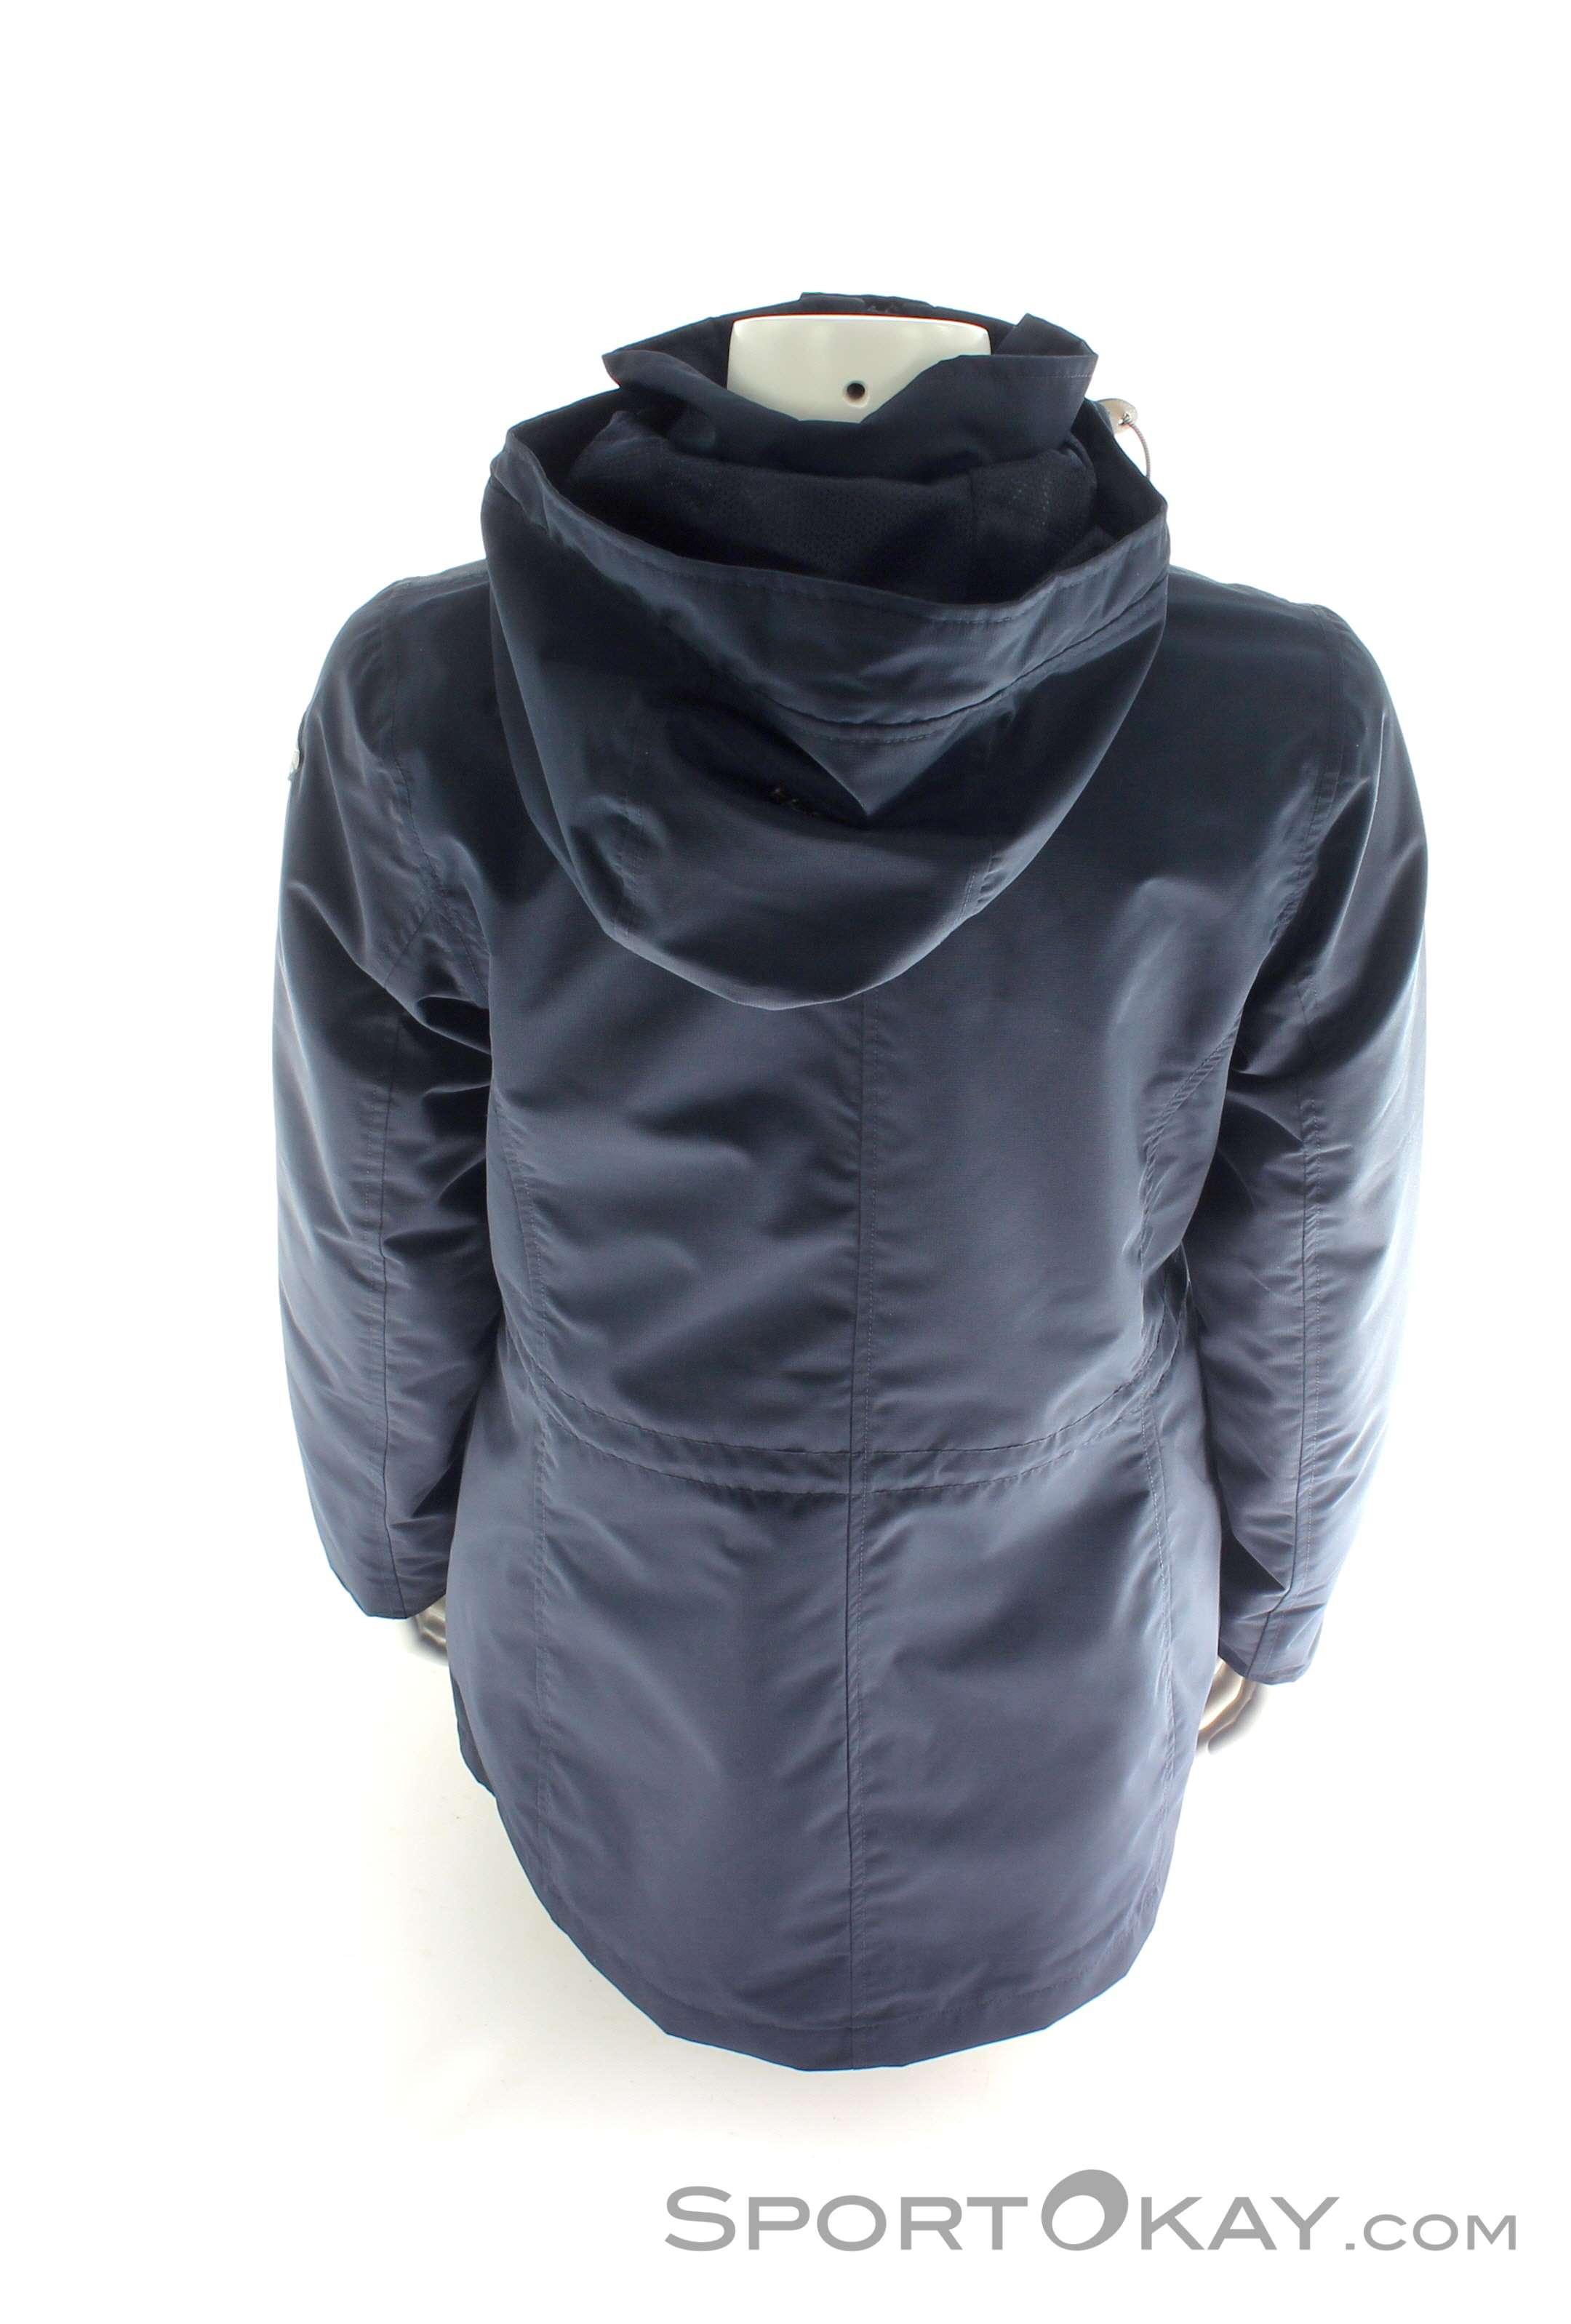 Icepeak Funktionsjacke Outdoorjacke schwarz Gr. 44 Damen